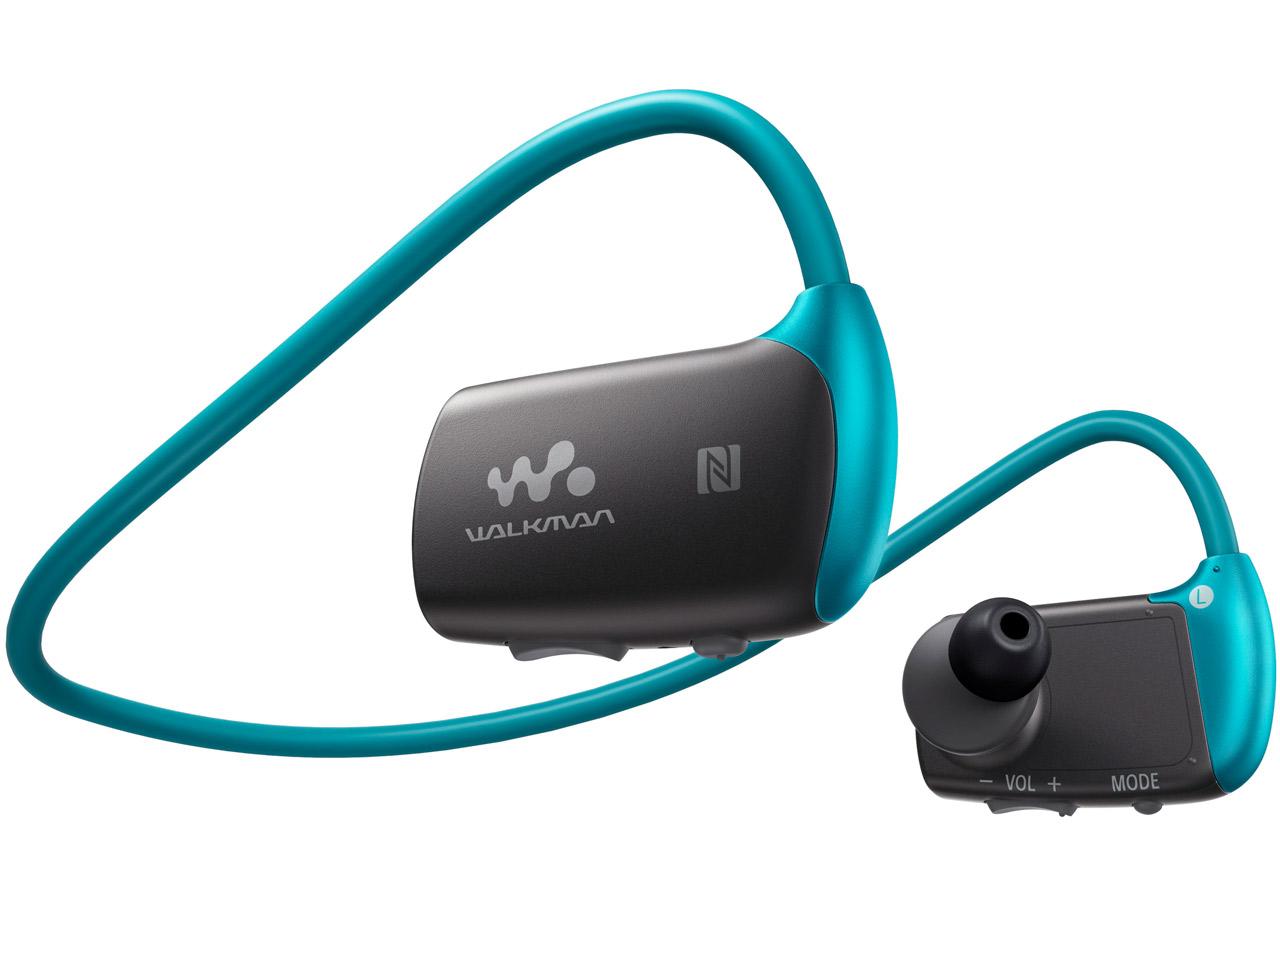 『本体1』 NW-WS615 [16GB] の製品画像